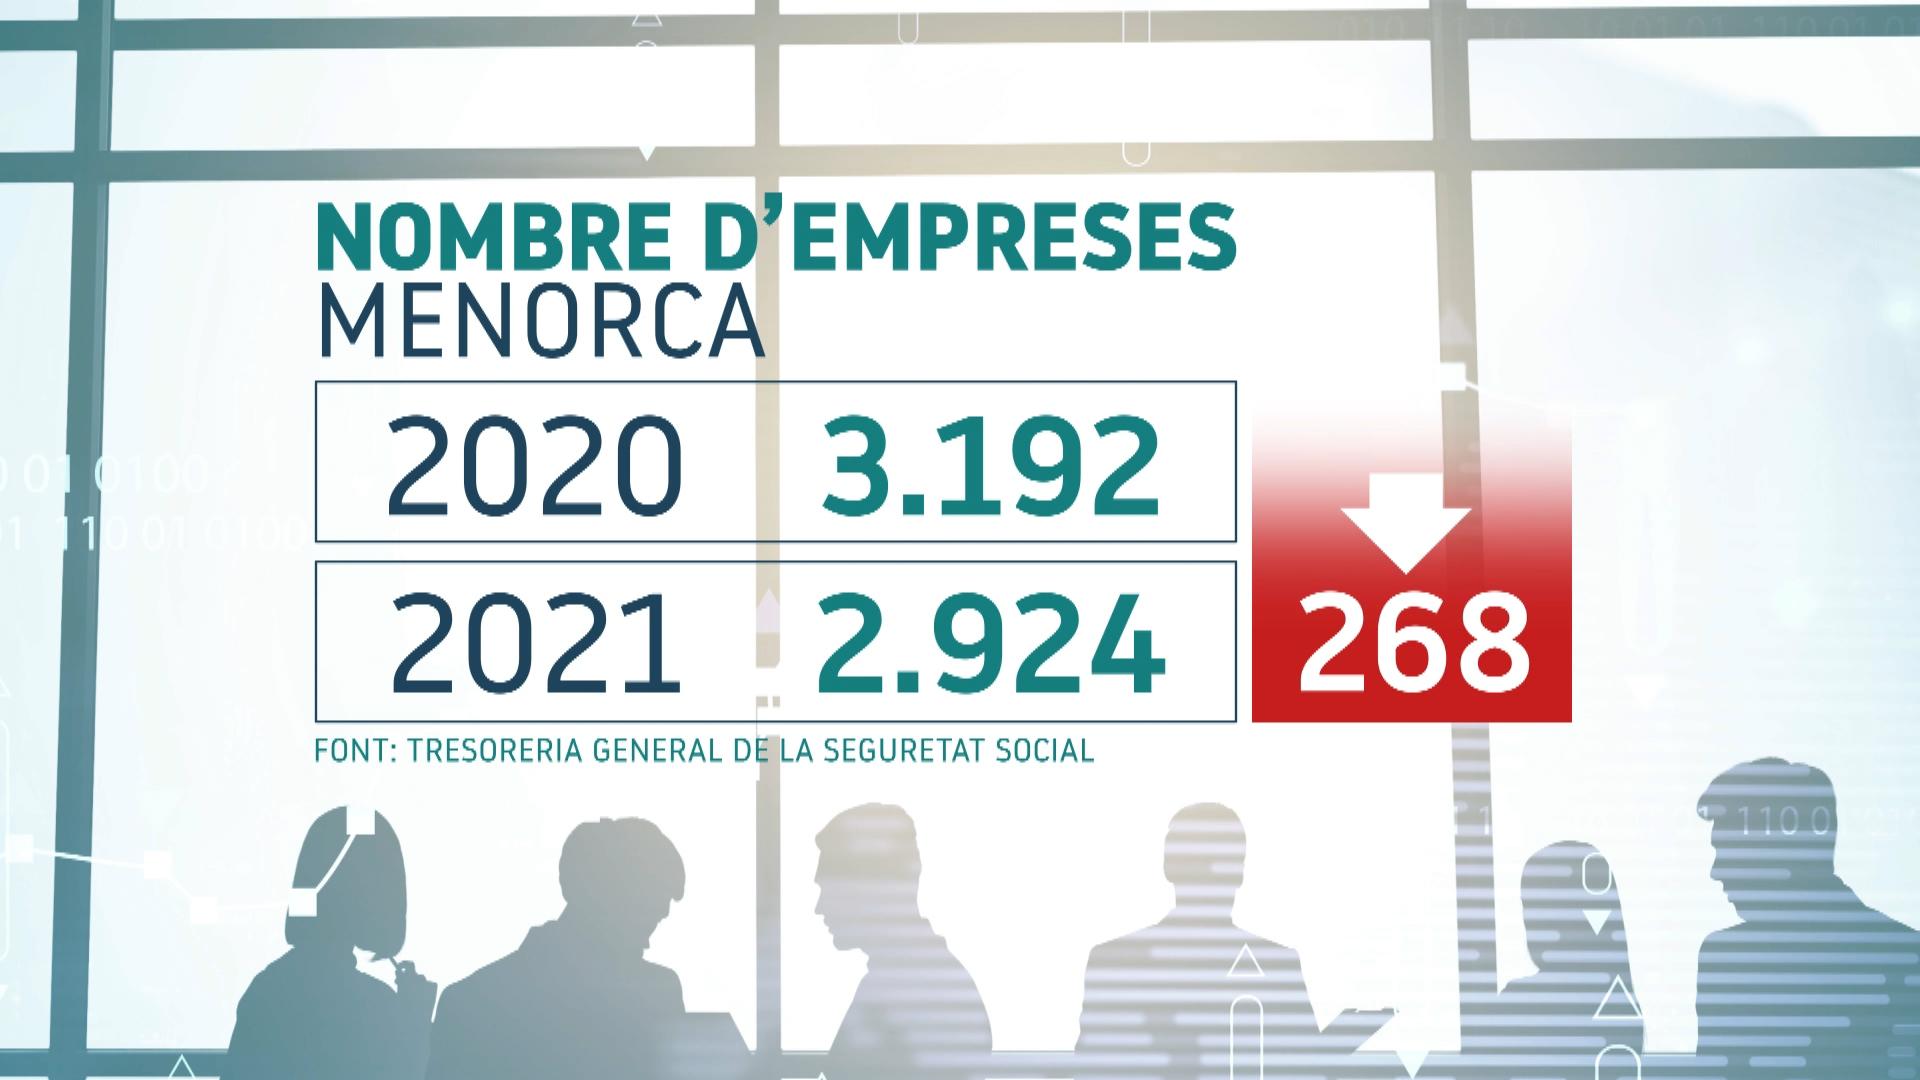 Menorca+perd+270+empreses+en+l%26apos%3Bany+de+la+pand%C3%A8mia+i+per+primera+vegada+hi+ha+menys+de+3.000+negocis+actius